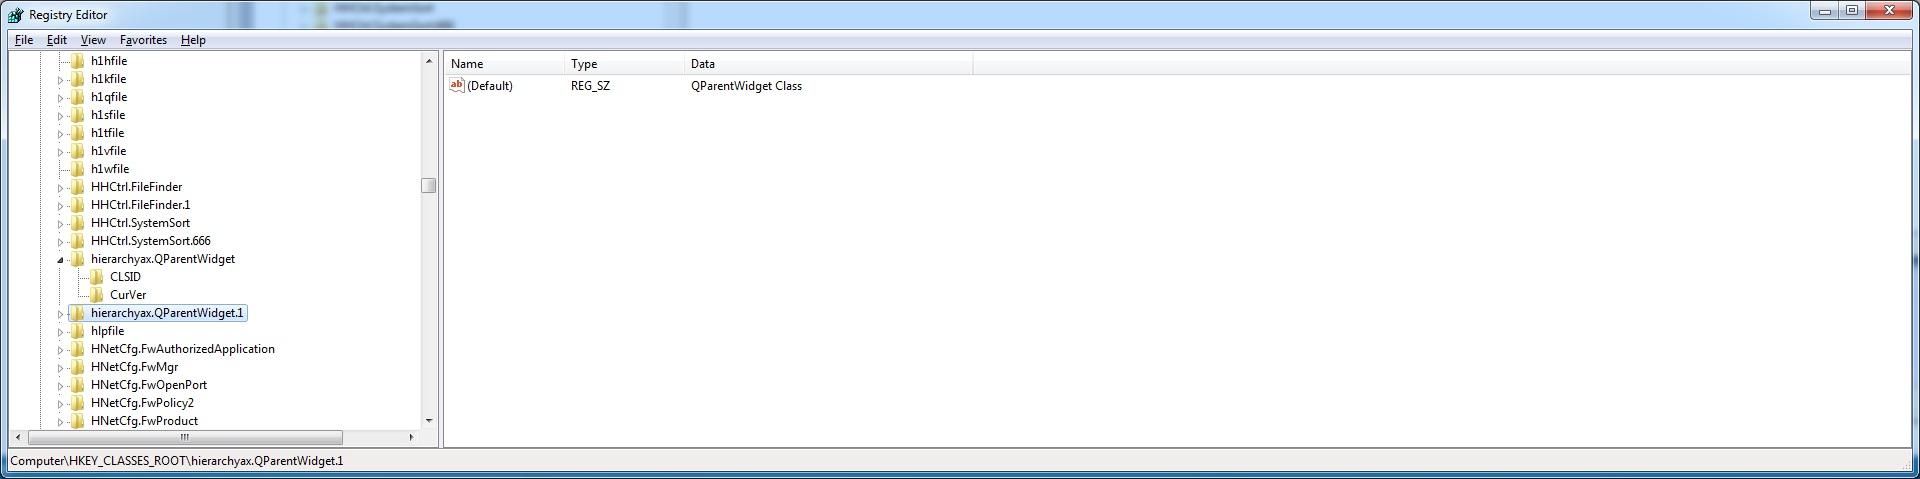 0_1521208965075_hierarchyax3.jpg